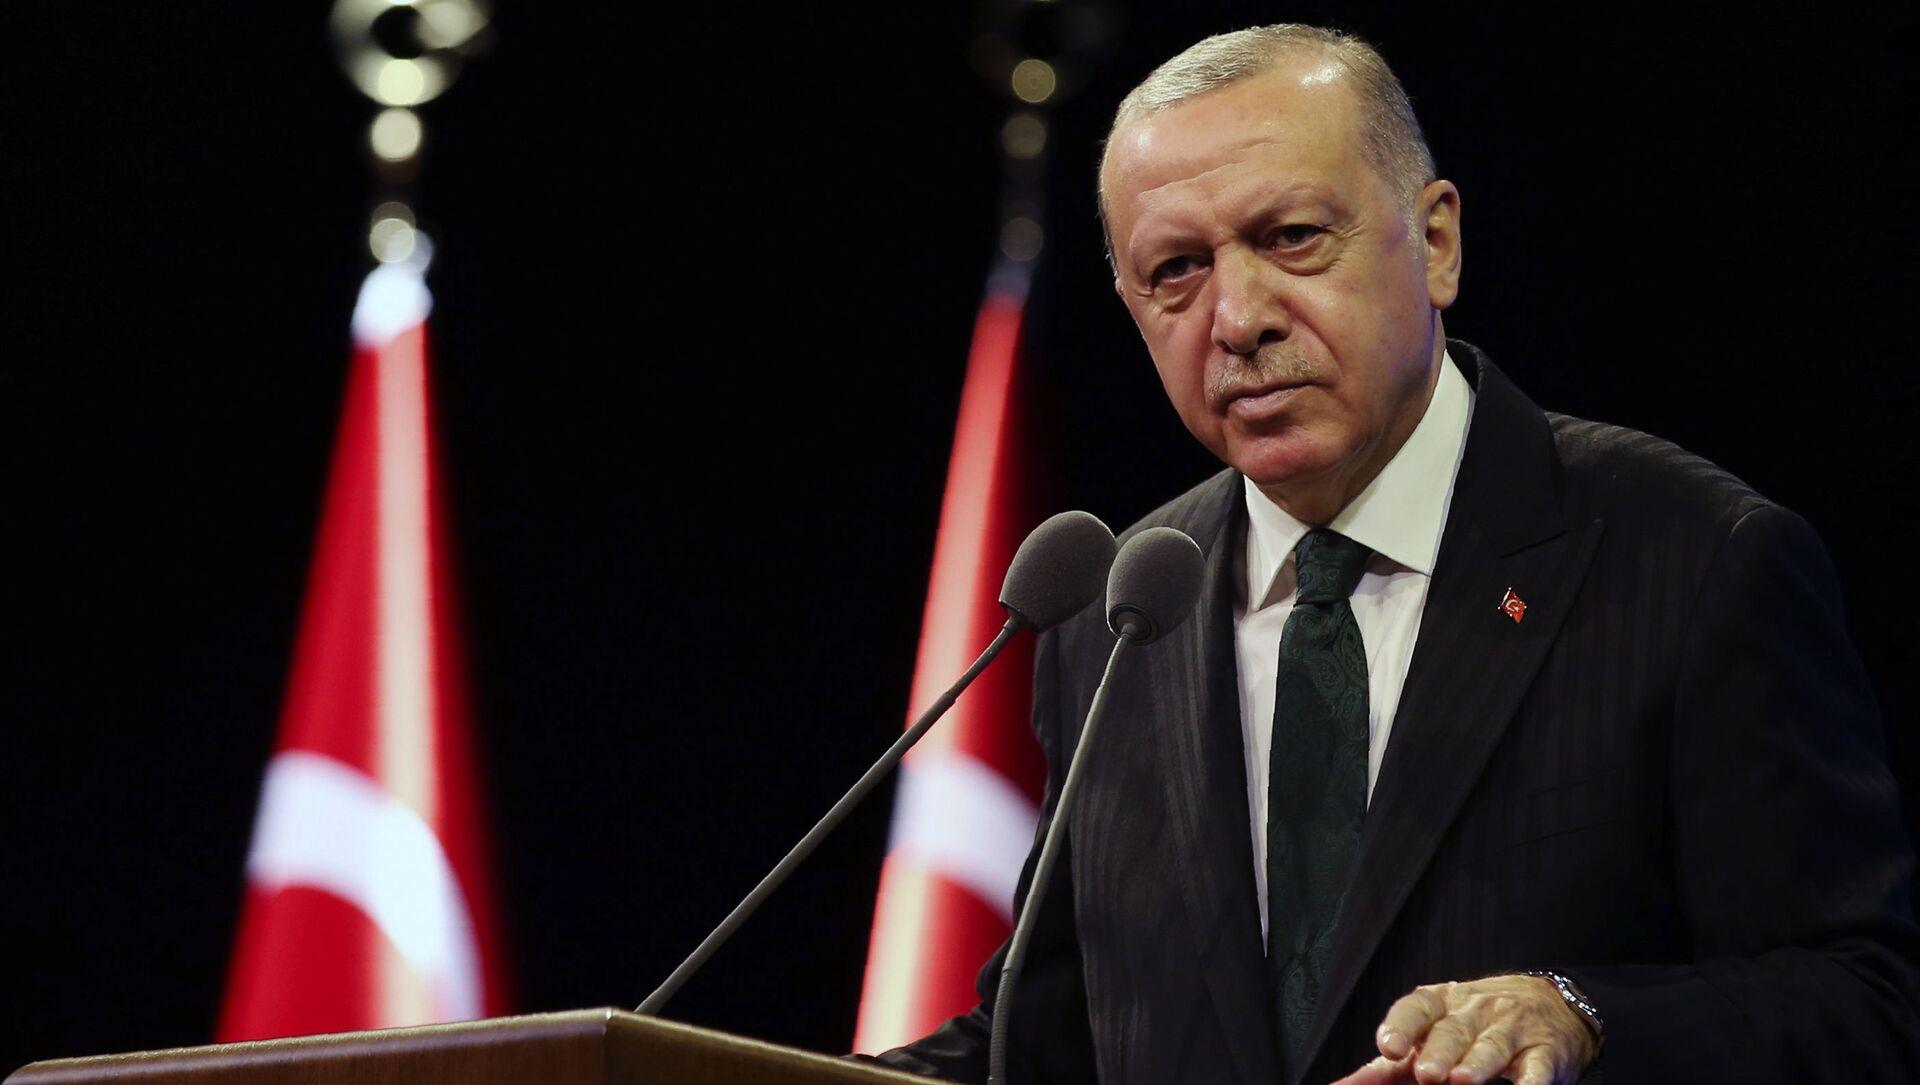 Tổng thống Thổ Nhĩ Kỳ Recep Tayyip Erdogan phát biểu tại dinh thự tổng thống ở Ankara - Sputnik Việt Nam, 1920, 27.09.2021